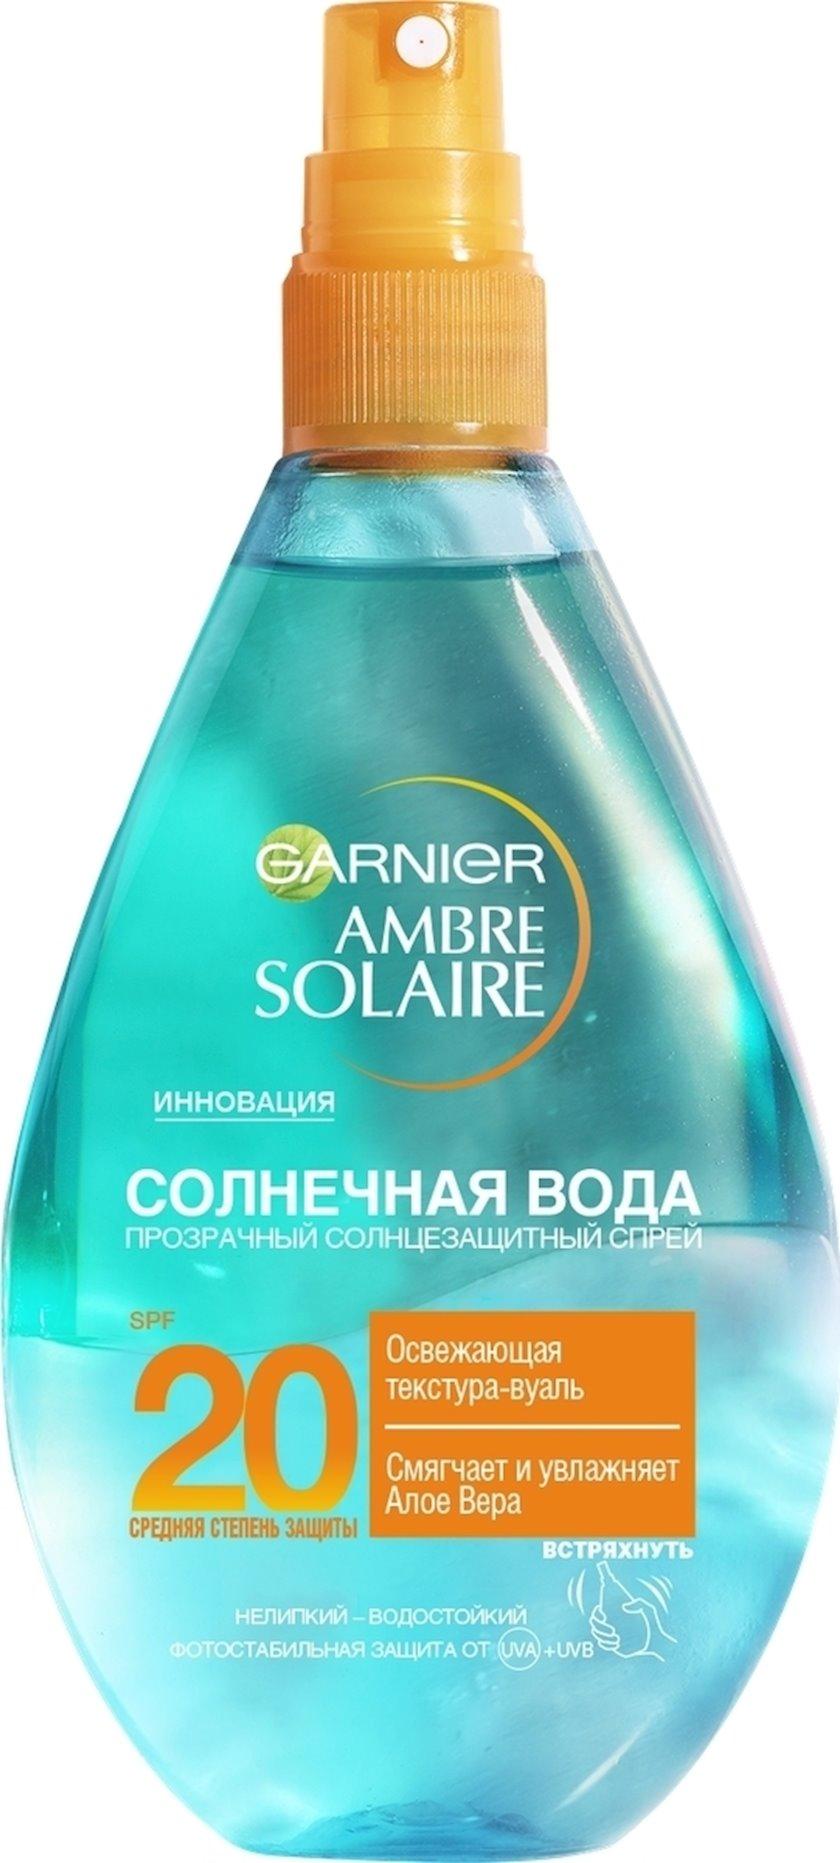 Günəşdən qoruyucu bədən spreyi Garnier Ambre Solaire günəş suyu, təravətləndirən SPF 20, 150 ml